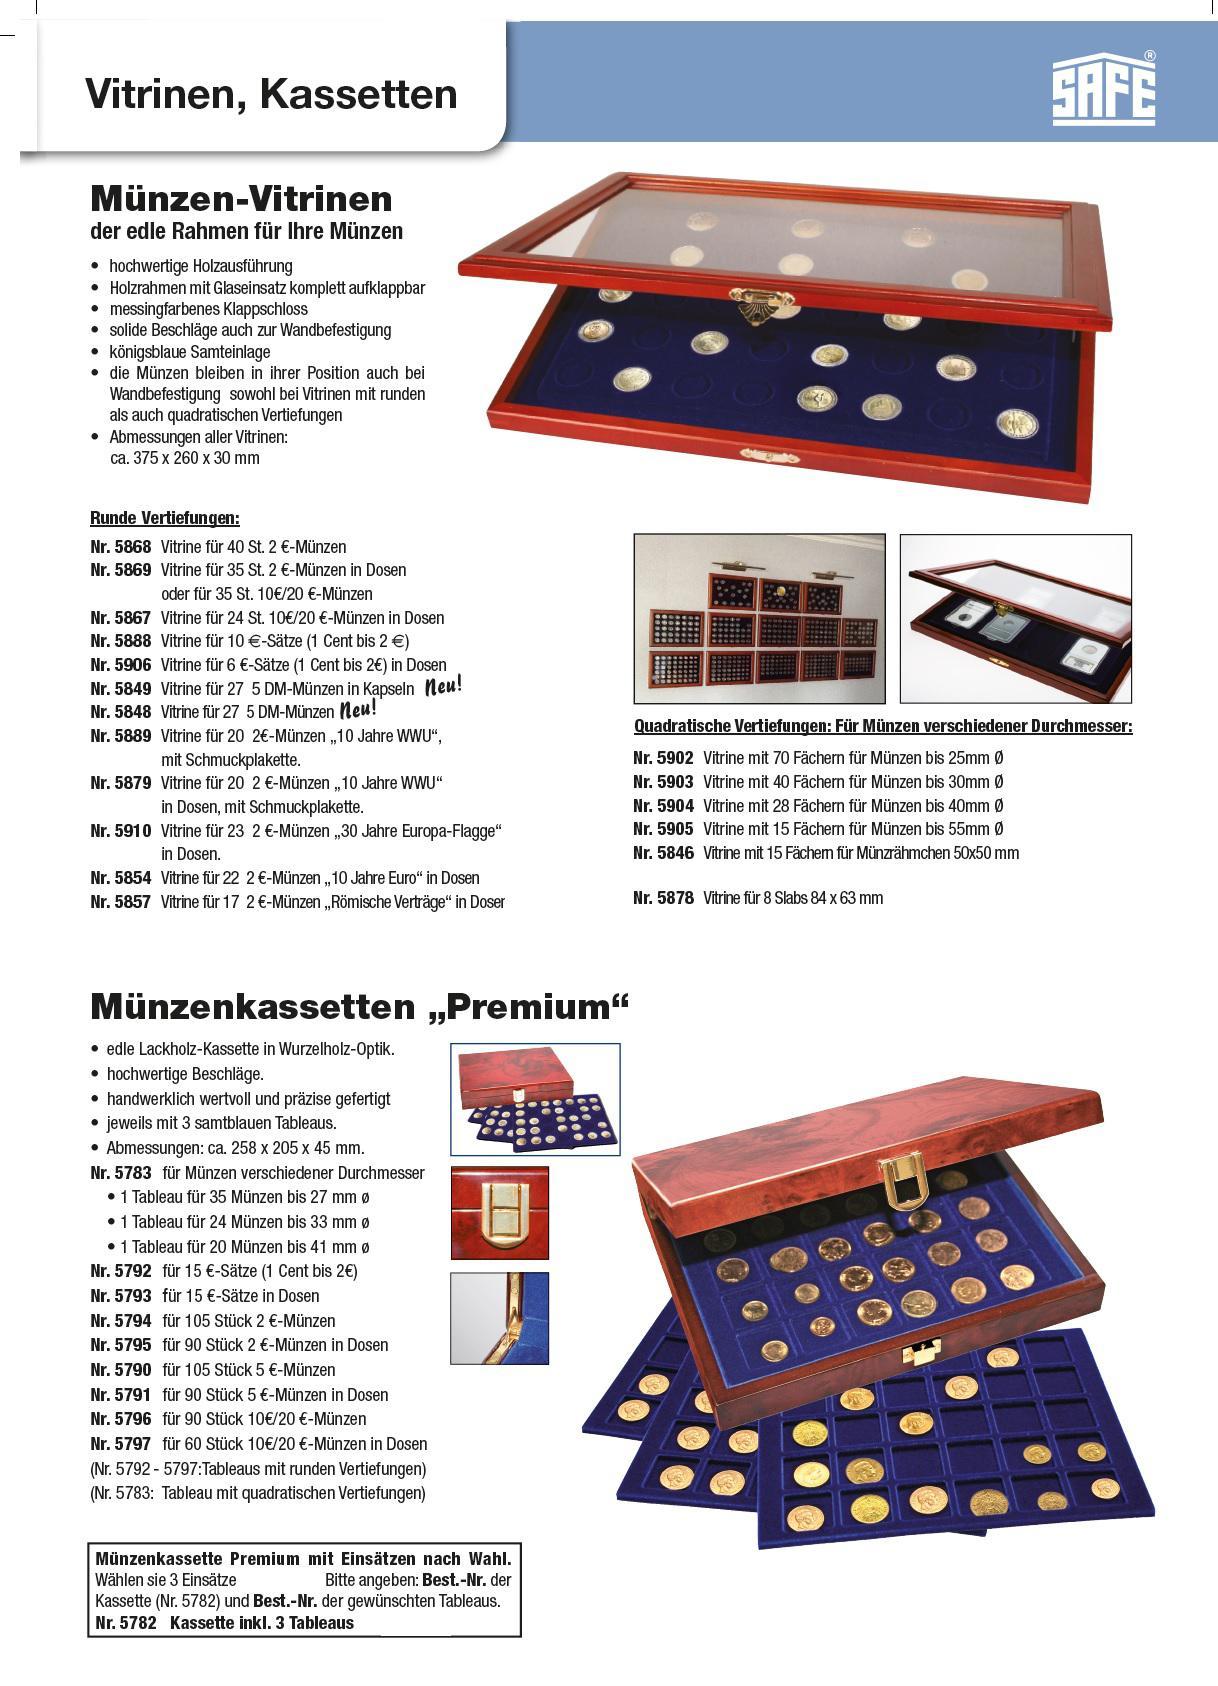 Gemütlich 20 X 35 Rahmen Galerie - Benutzerdefinierte Bilderrahmen ...